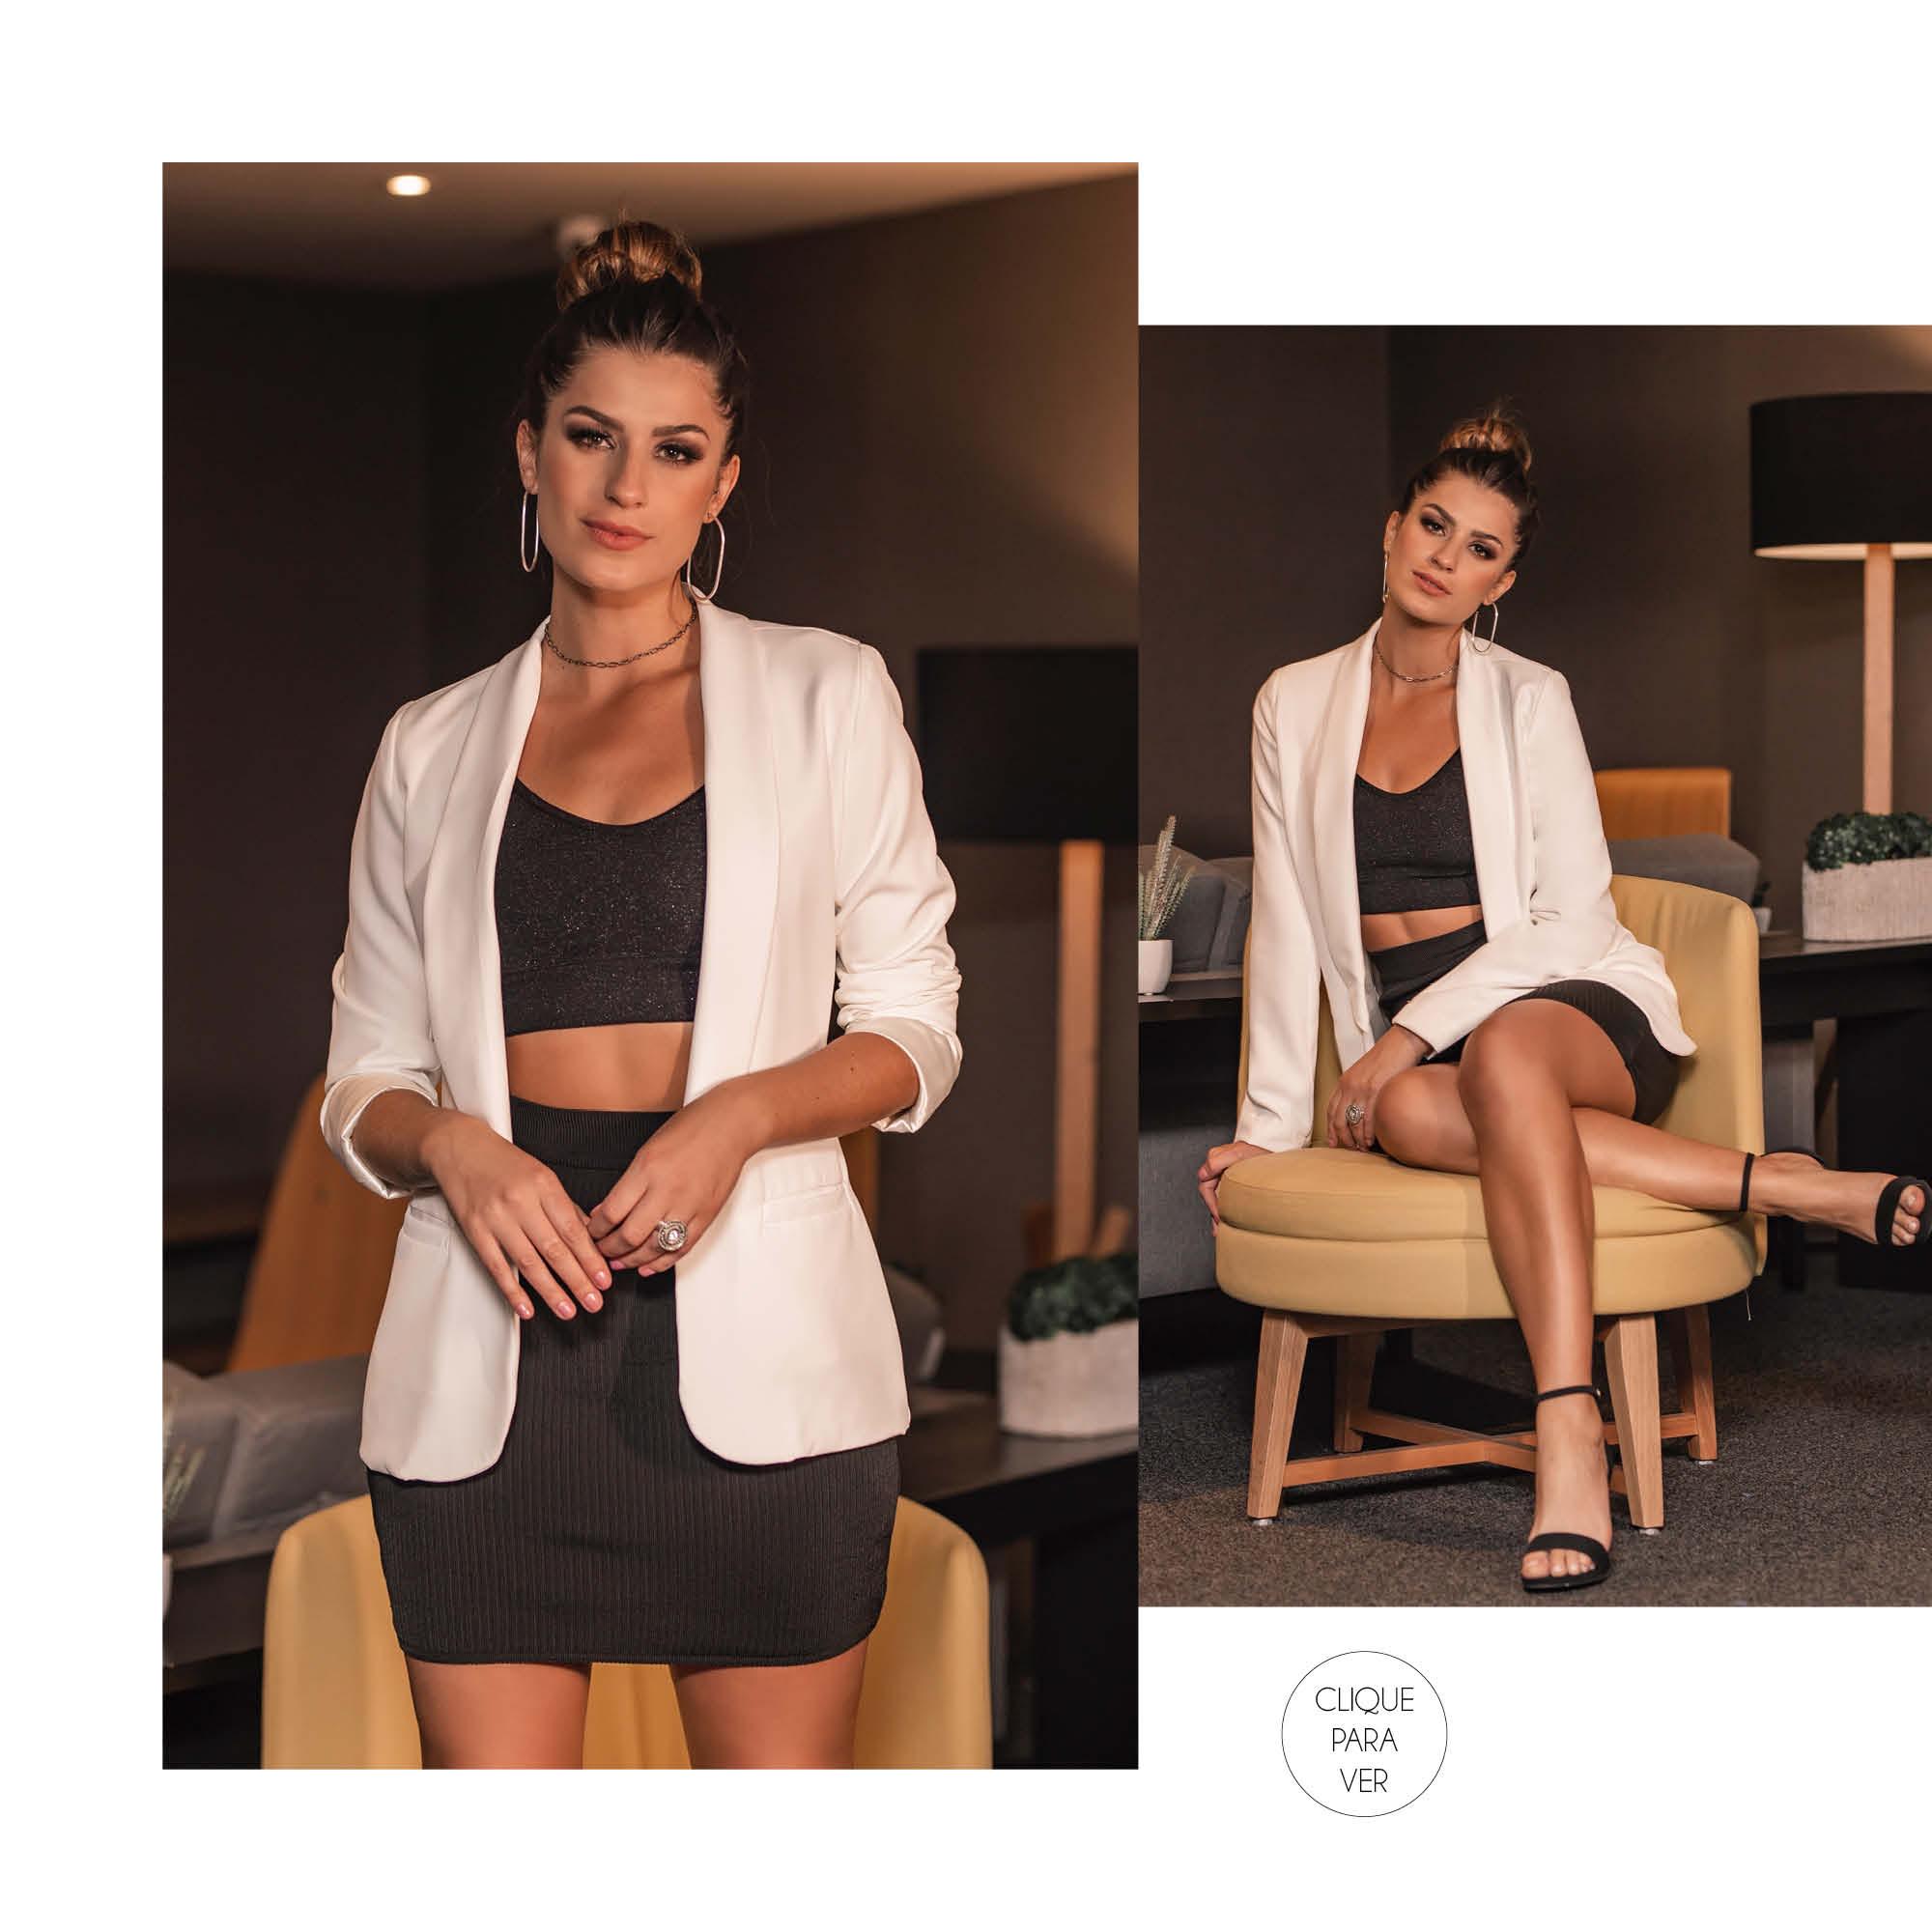 O uso do blazer ou de outra terceira peça deixa o look cool com uma pegada elegante.